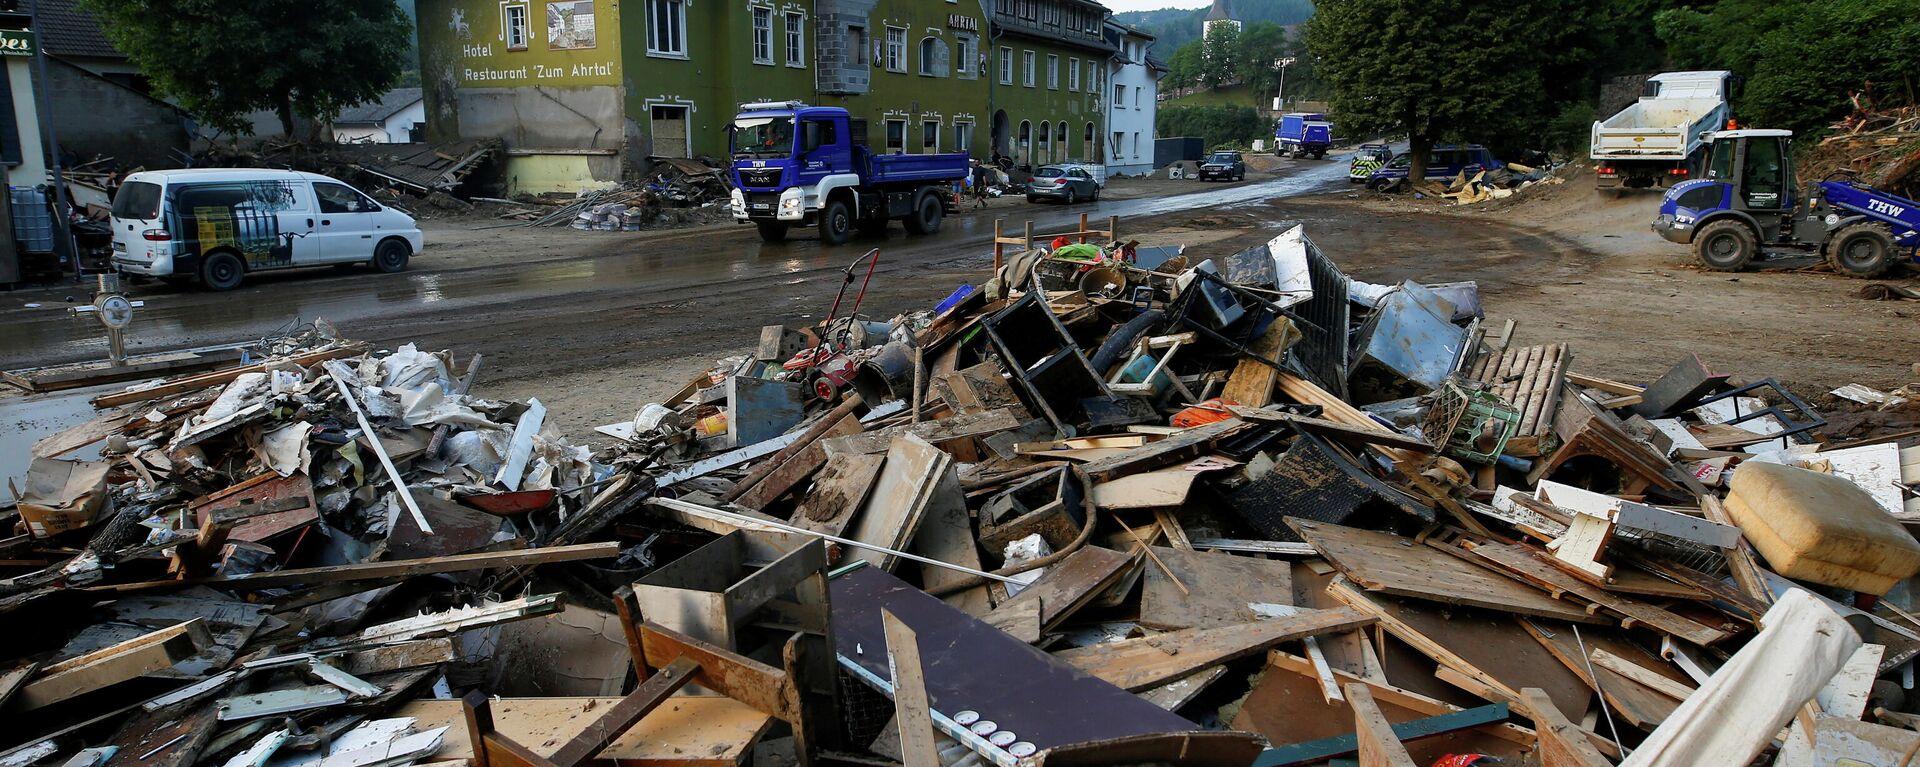 Folgen einer Flutkatastrophe in der Gemeinde Schuld, Landkreis Ahrweiler, Rheinland-Pfalz. 20. Juli 2021 - SNA, 1920, 17.08.2021